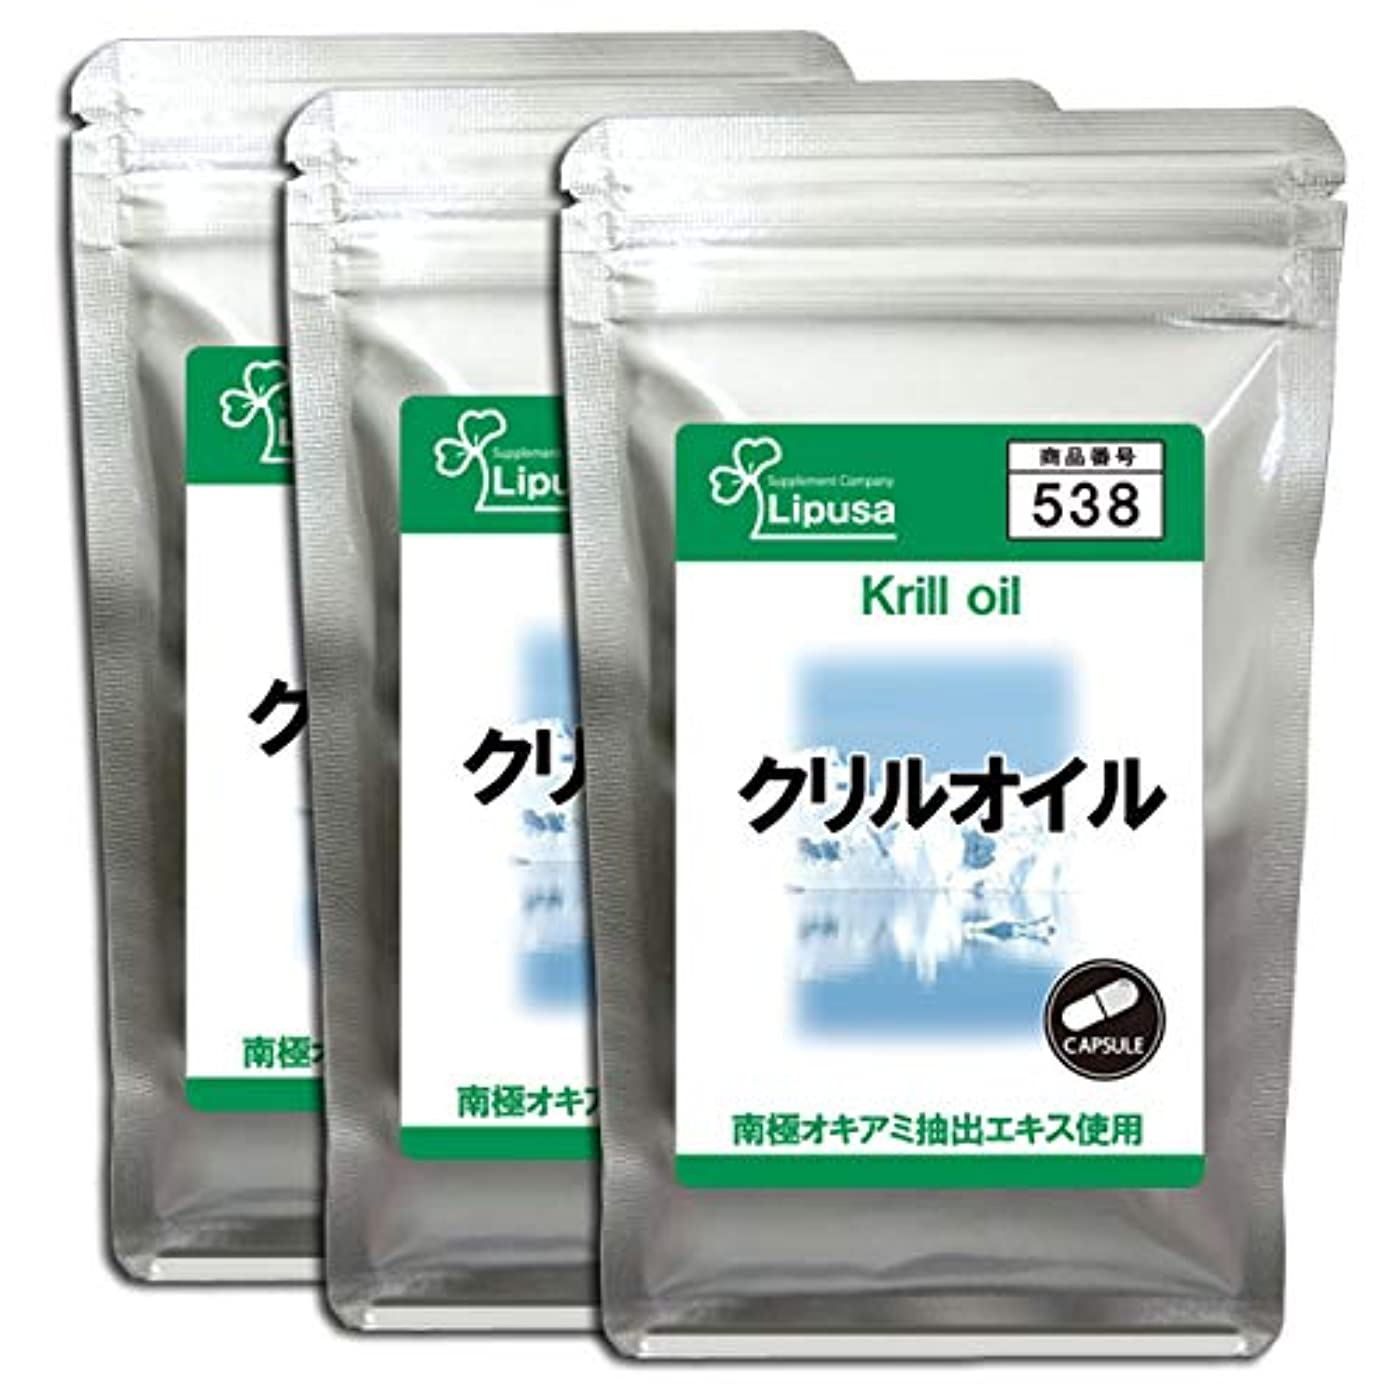 マインドフルケーキアンペアクリルオイル 約1か月分×3袋 C-538-3